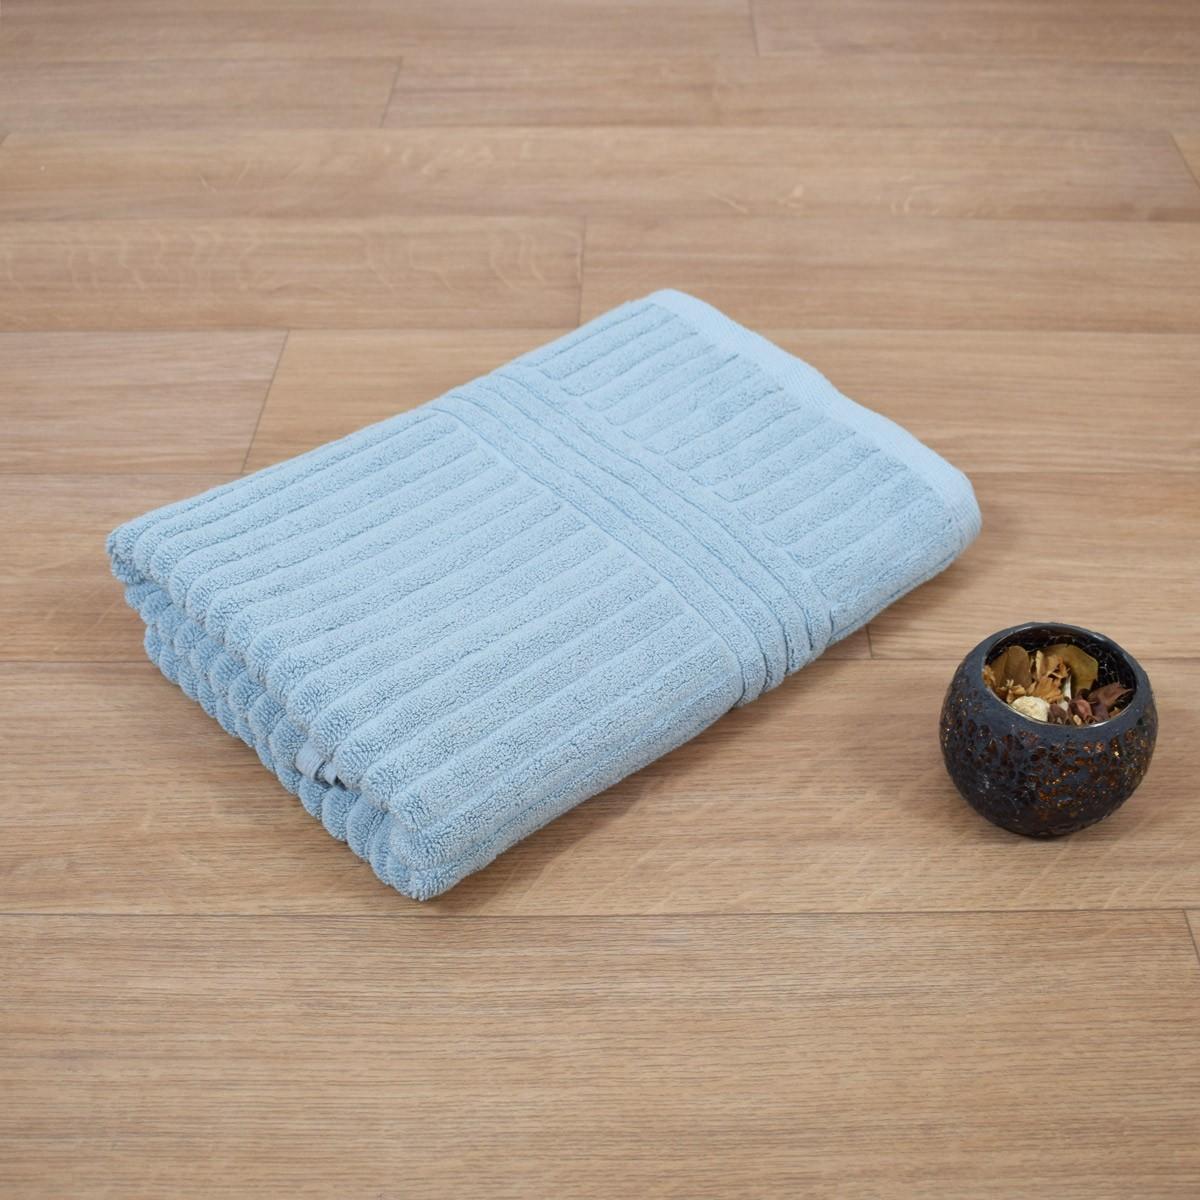 Πετσέτα Σώματος Γαλάζιο (75x150) Κοτλέ 720gr/m2 home   επαγγελματικός εξοπλισμός   ξενοδοχειακός εξοπλισμός   πετσέτες ξενοδοχεί